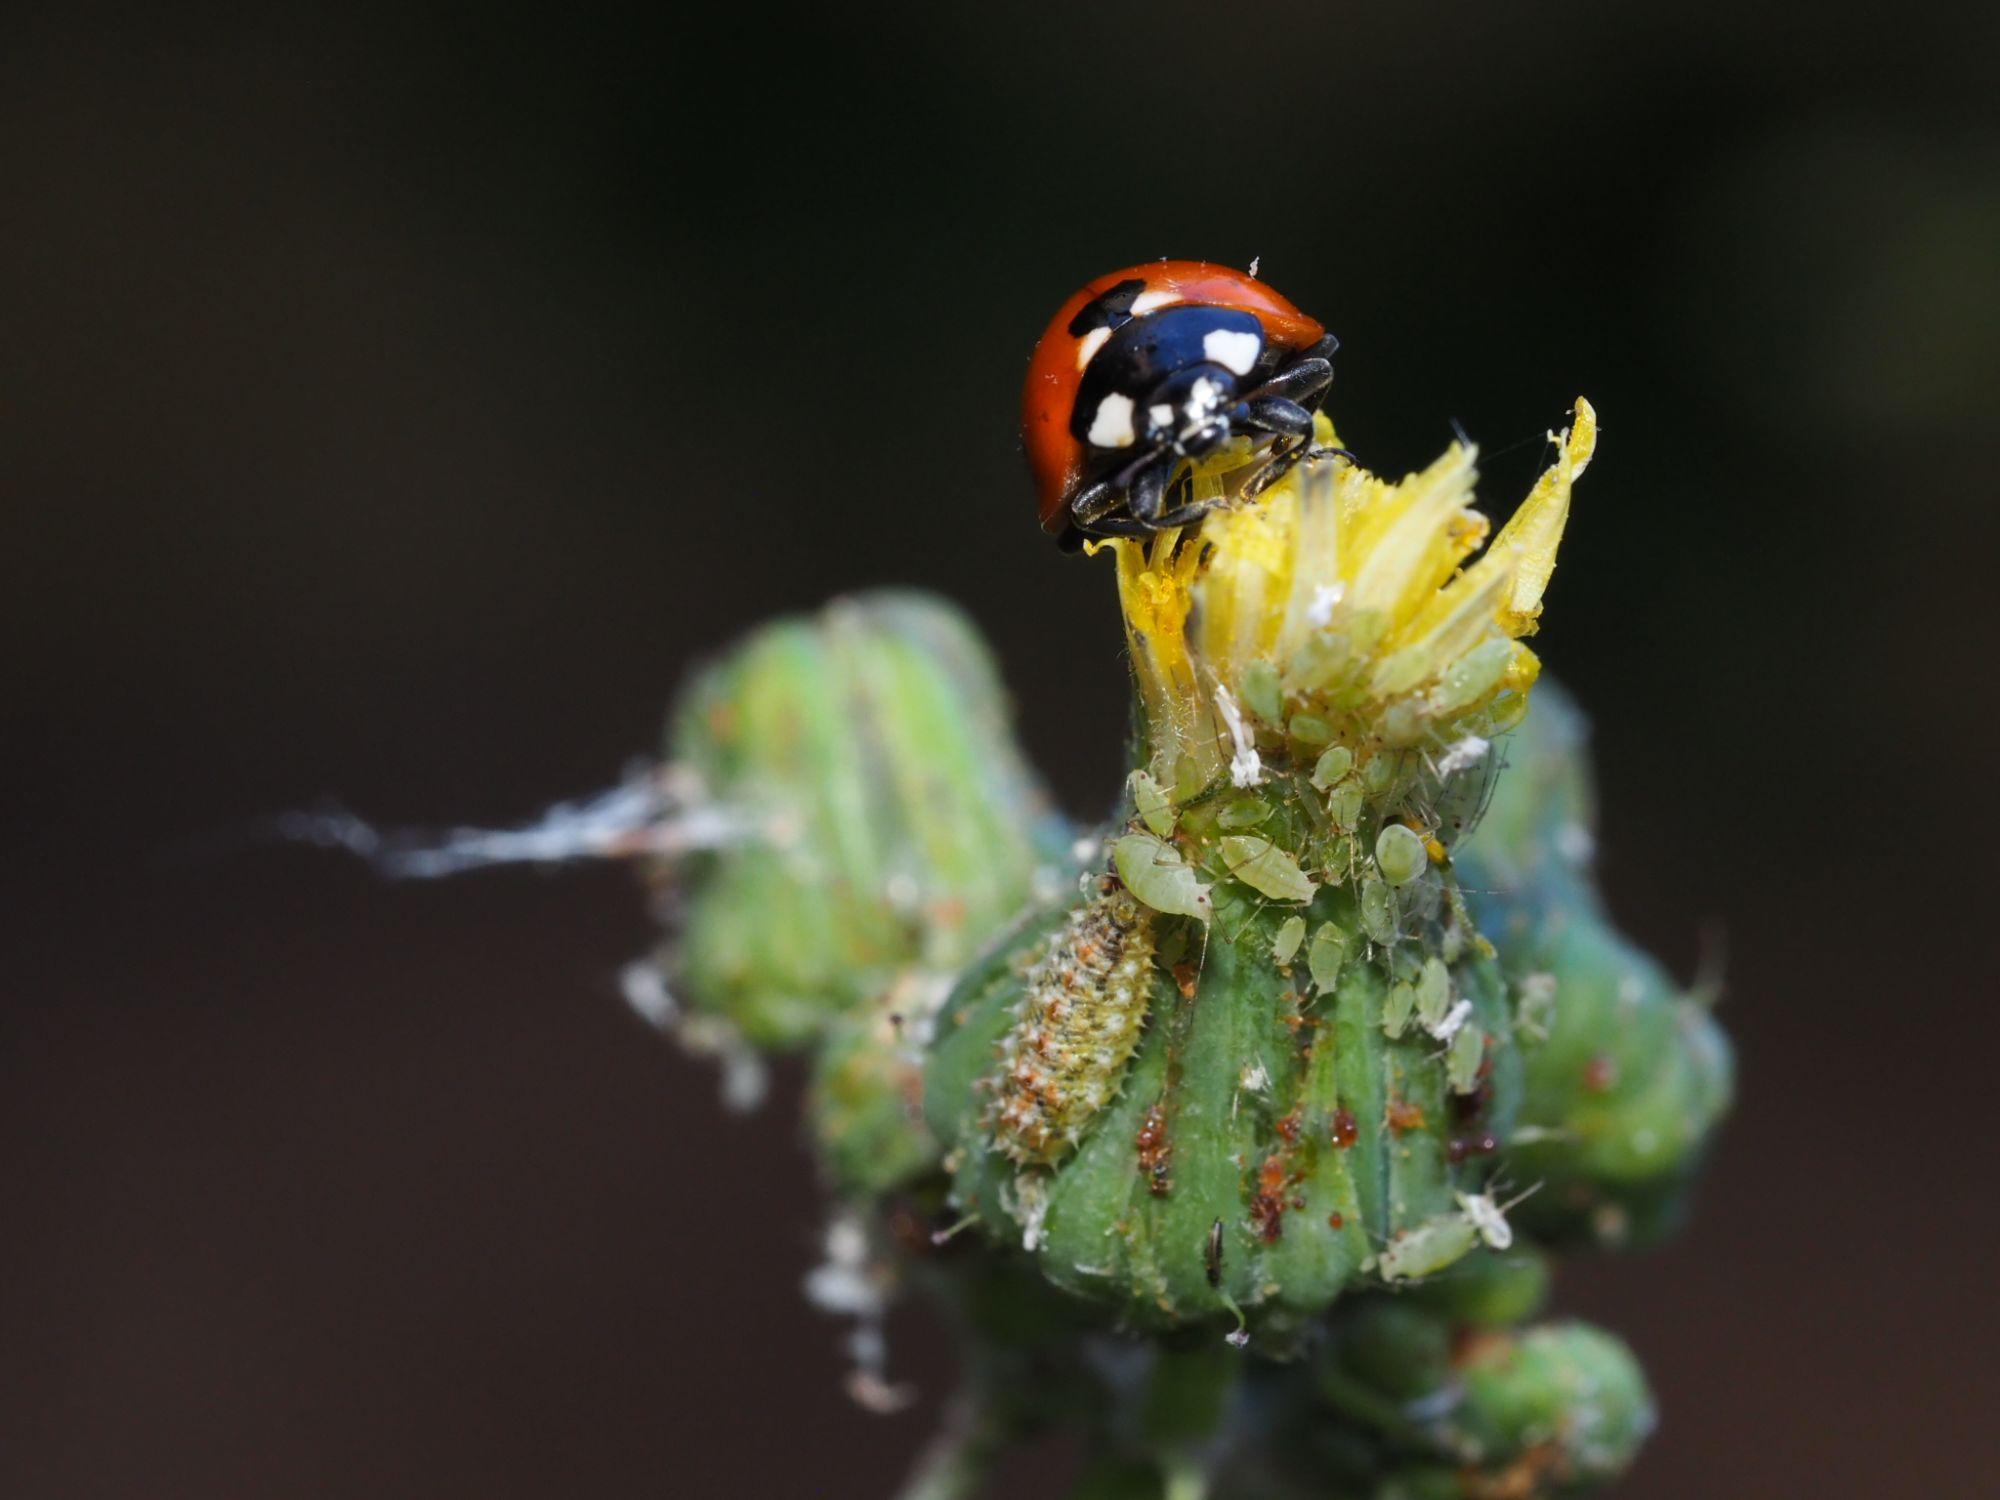 larva-de-sirfido-del-genero-paragus-junto-a-varios-pulgones-y-una-mariquita.autor-guillermo-gonzalez-bornay.jpg